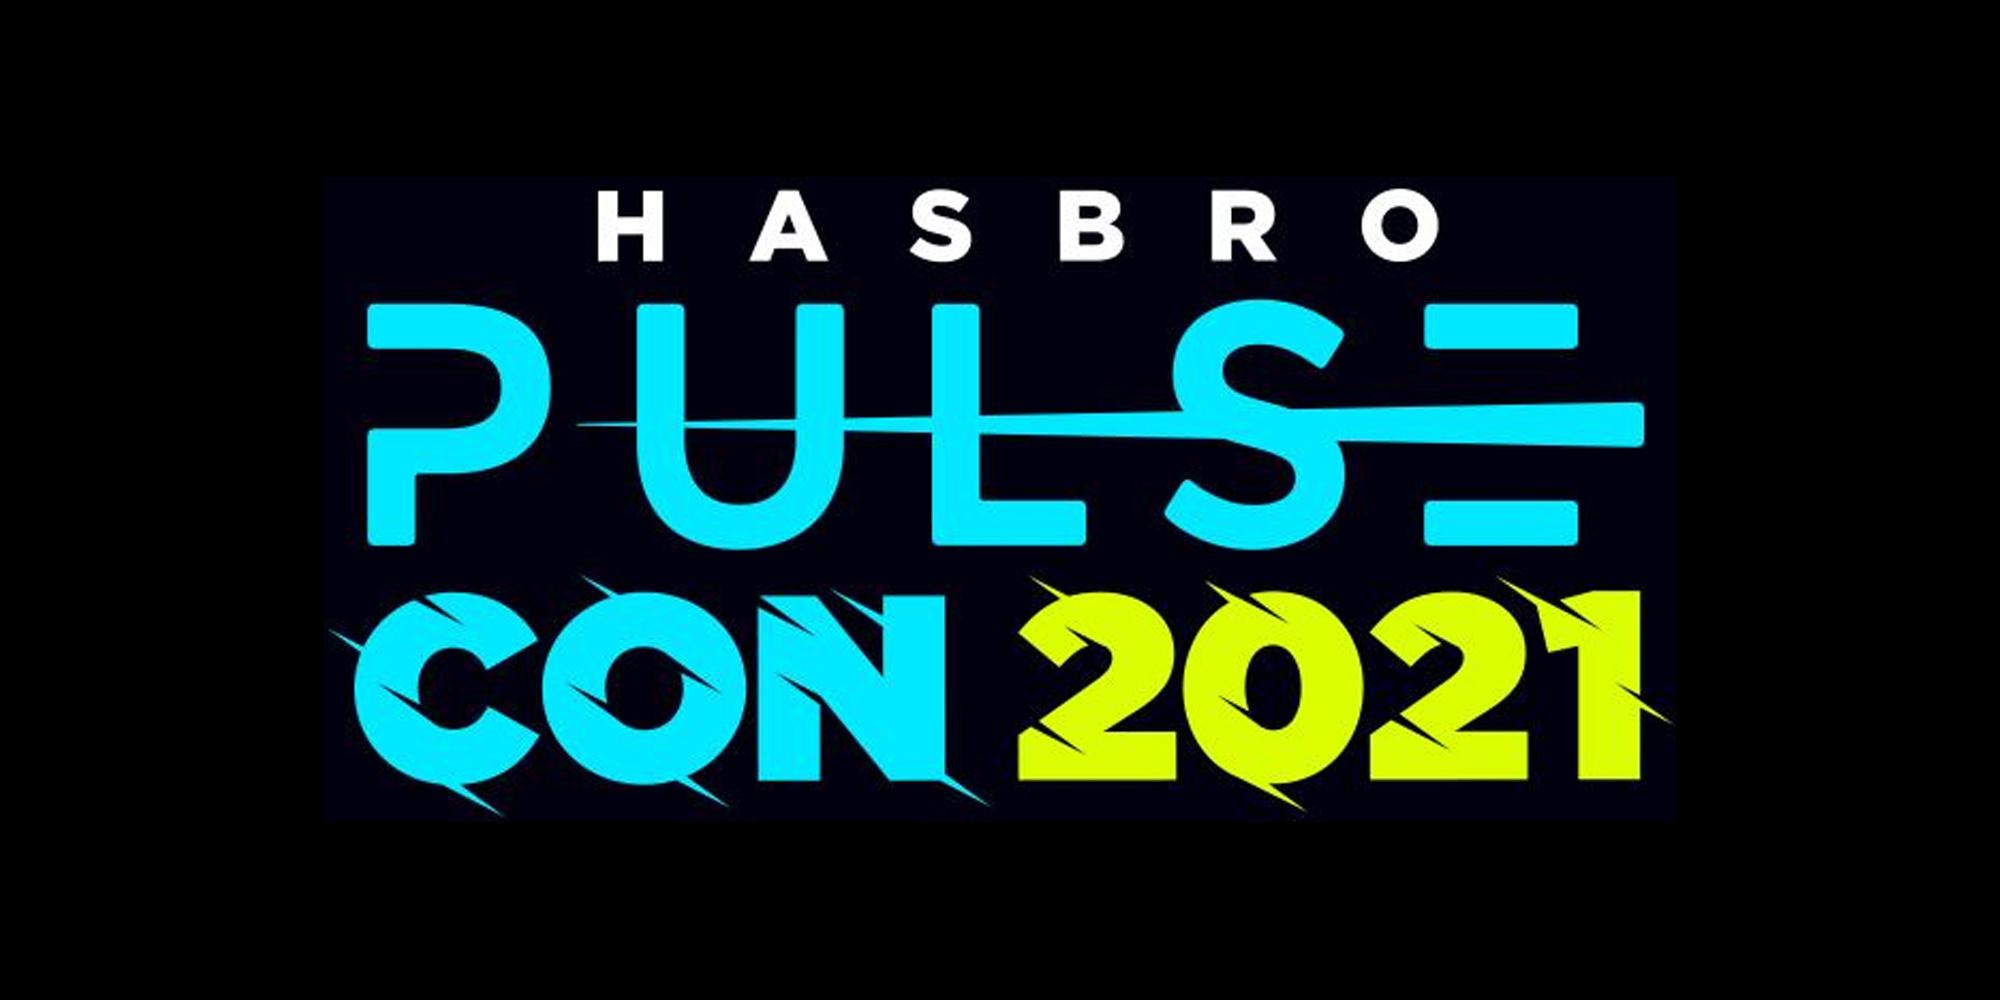 Hasbro Pulse Con 2021 logo